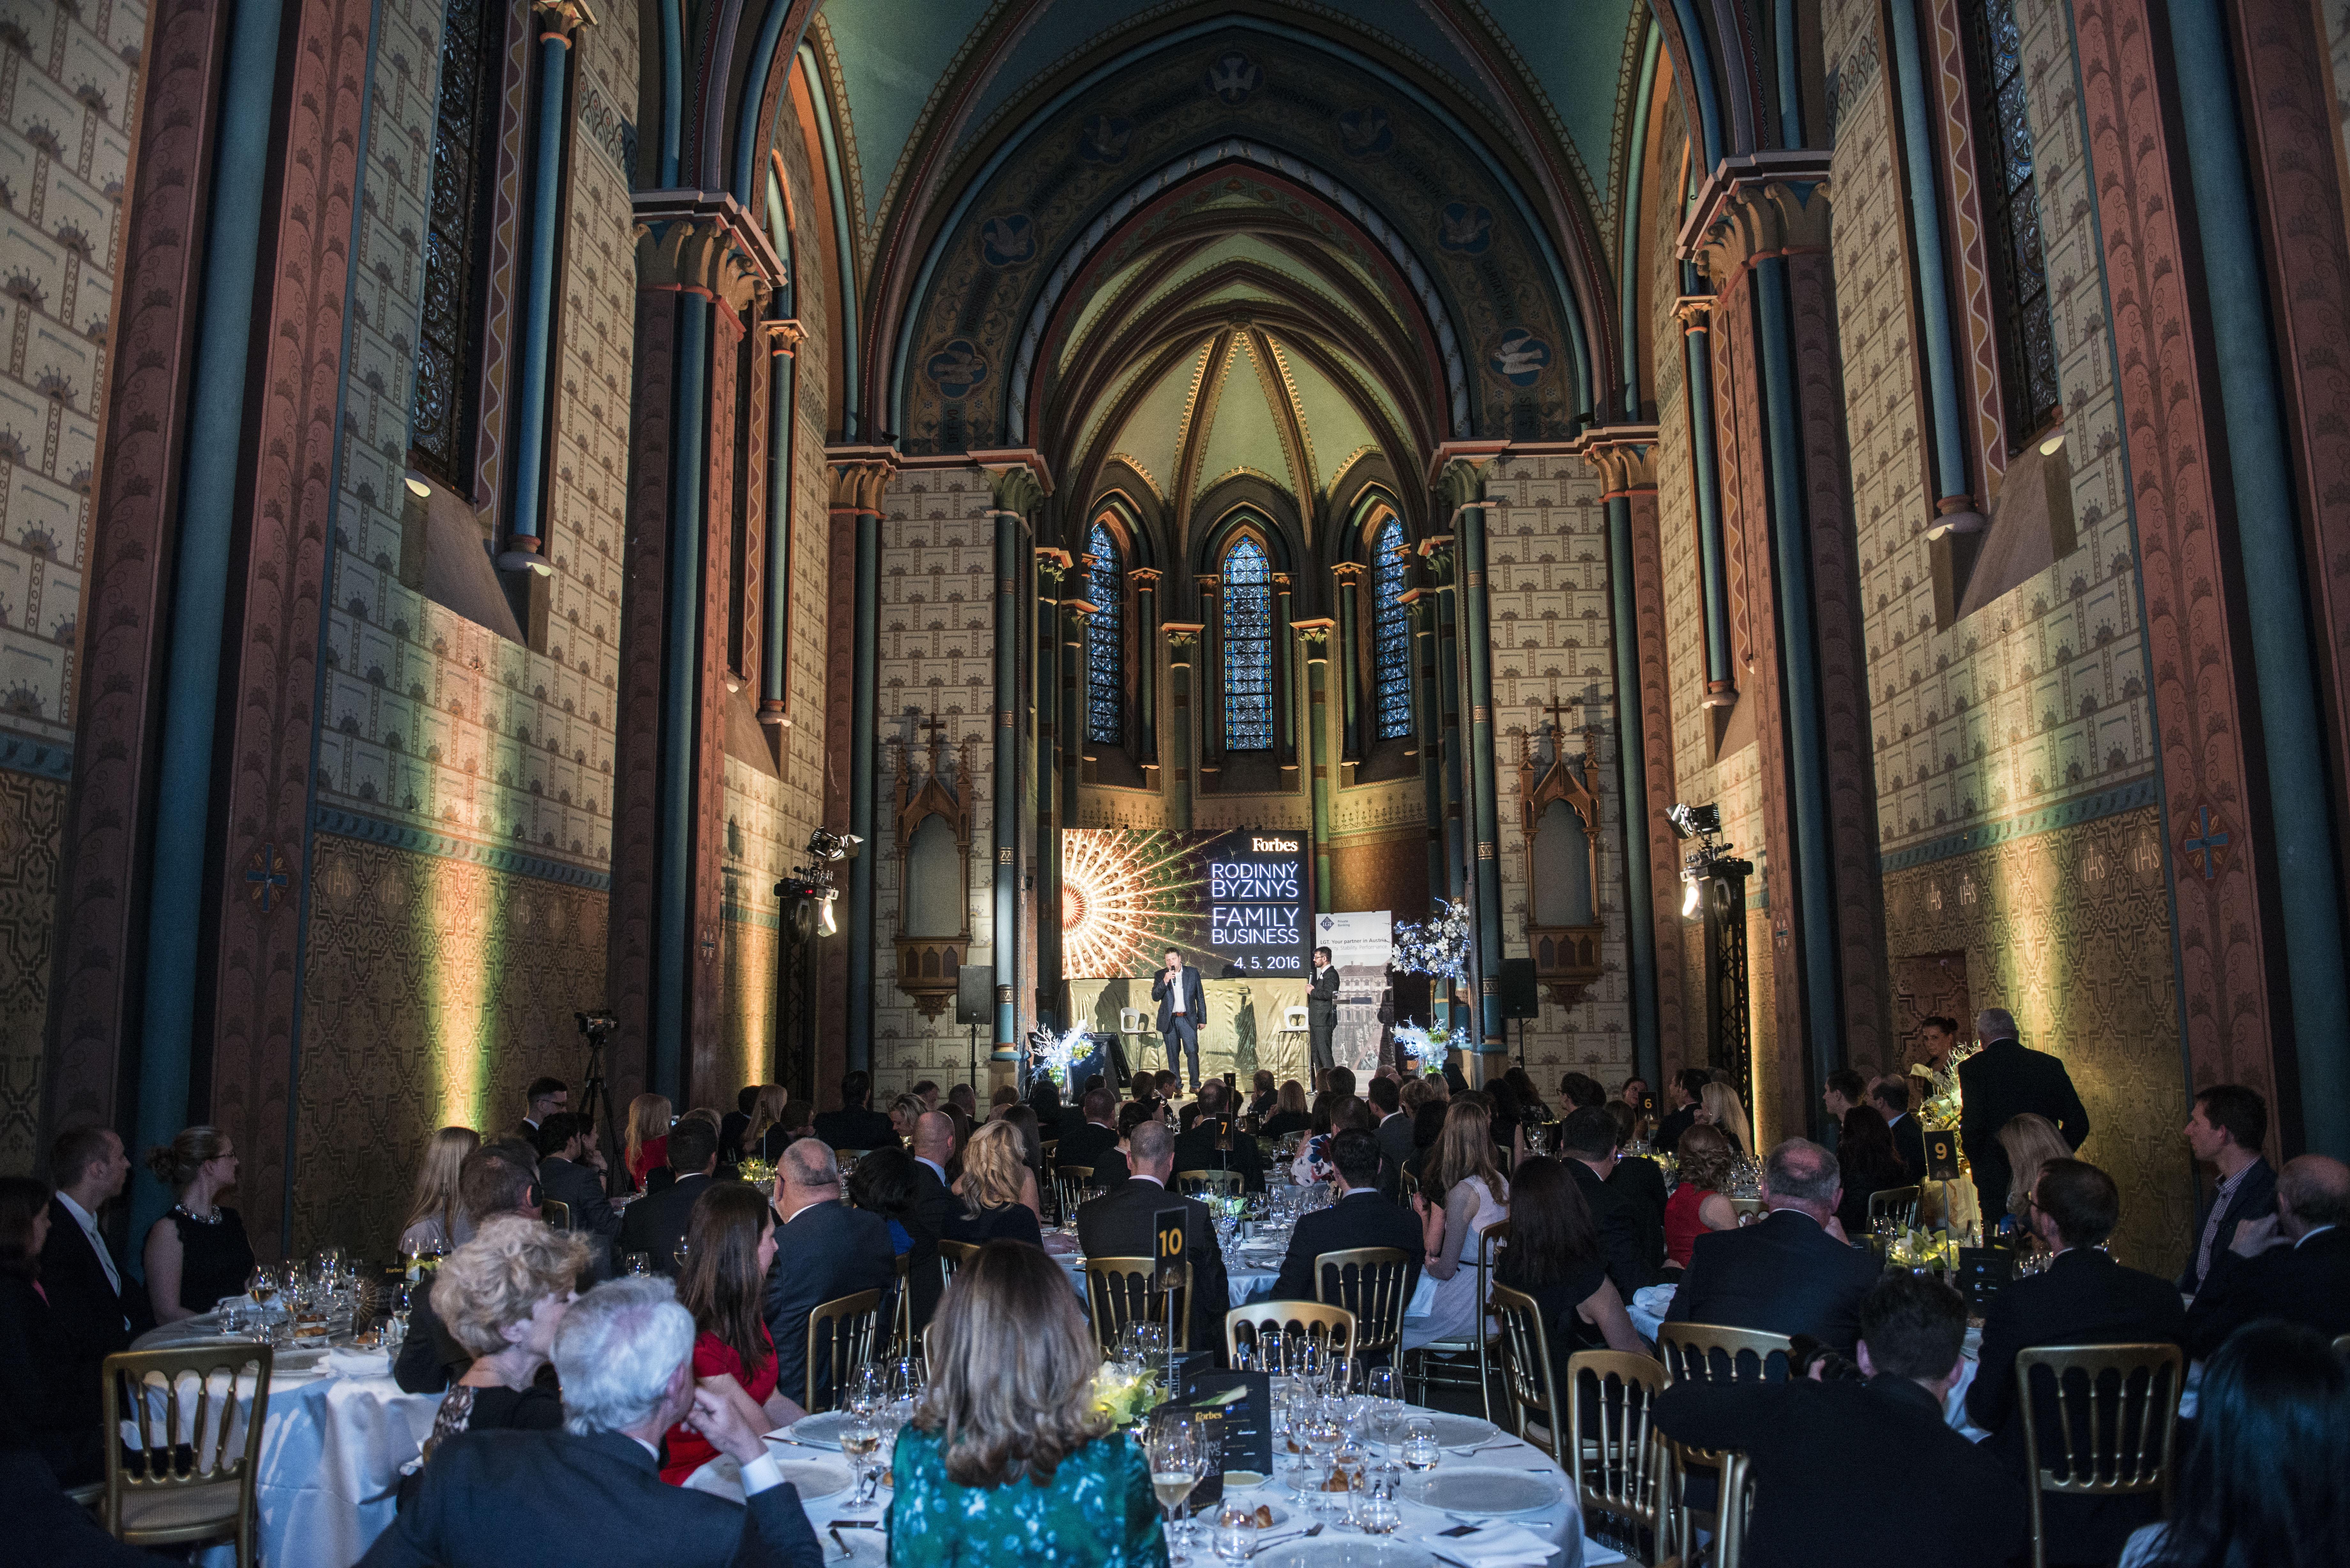 Impozantní prostor kaple Sacre Coeur.